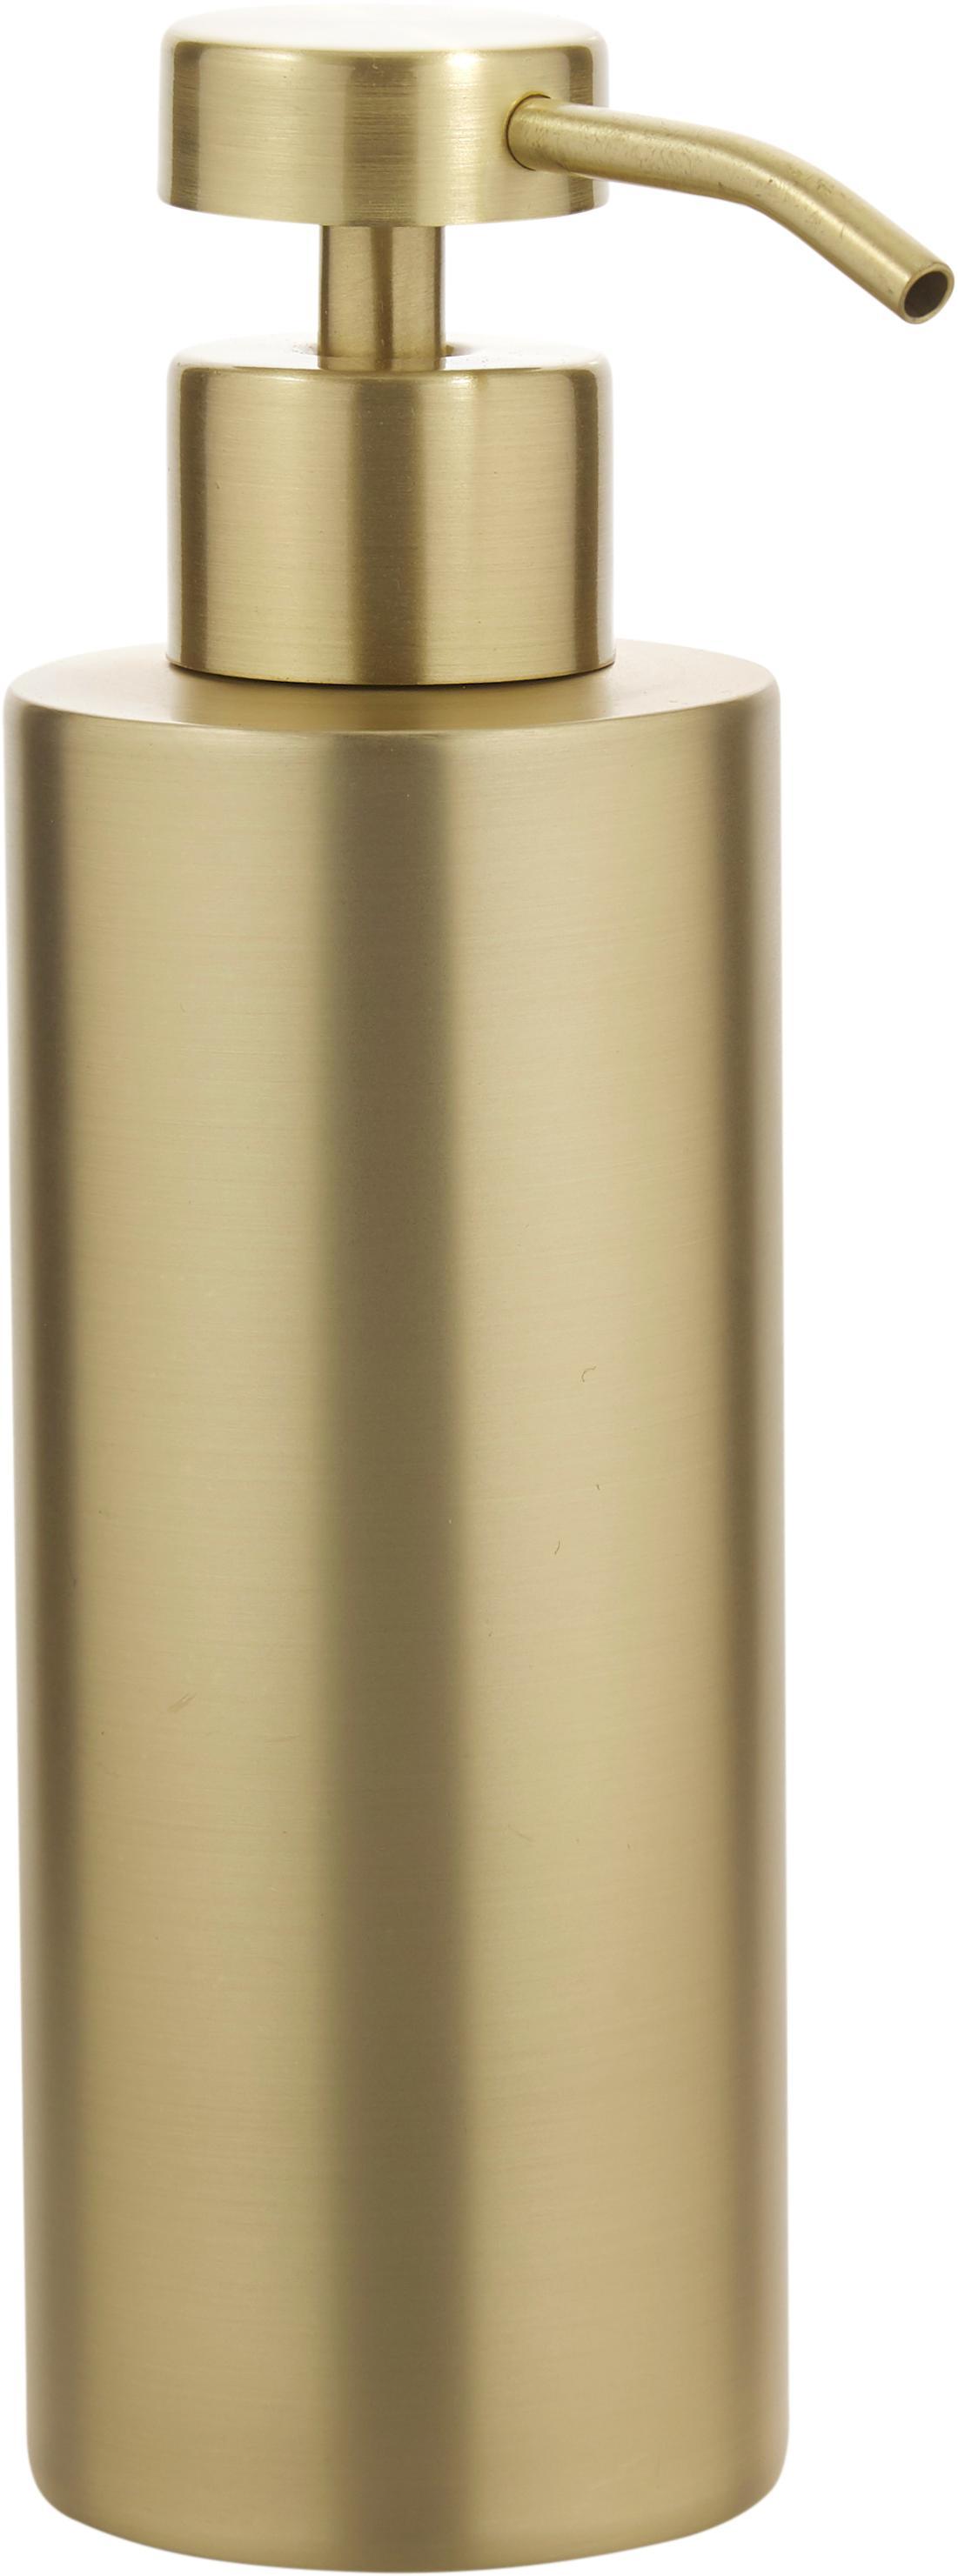 Dosificador de jabón Onyar, Acero inoxidable, recubierto, Latón, Ø 6 x Al 20 cm